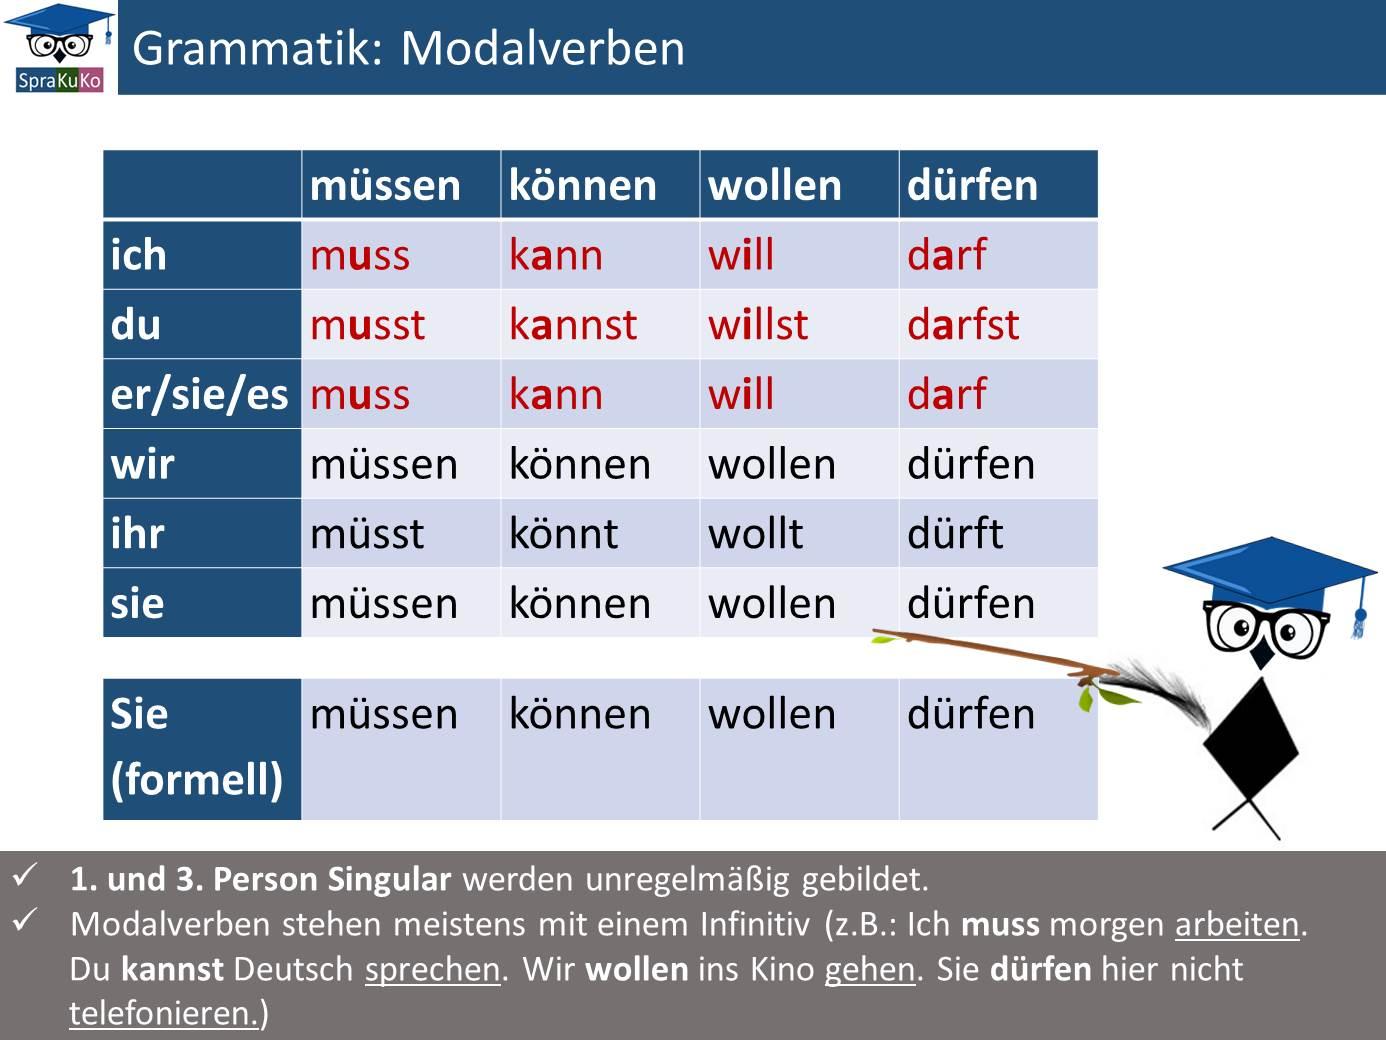 Modalverben_modal verbs.jpg